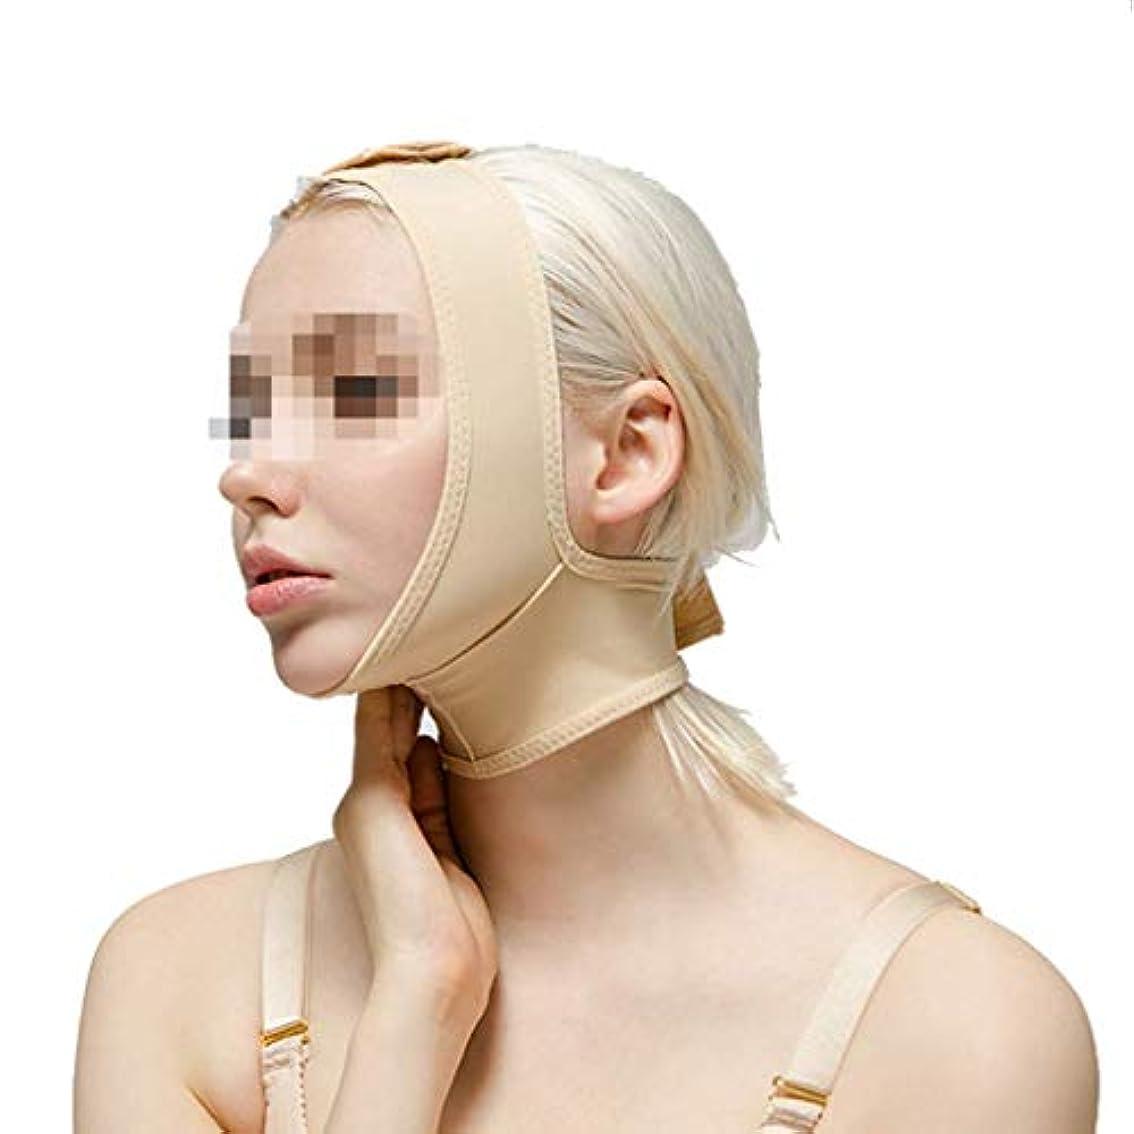 豚デクリメント実際の術後伸縮性スリーブ、下顎束フェイスバンデージフェイシャルビームダブルチンシンフェイスマスクマルチサイズオプション(サイズ:L),XL